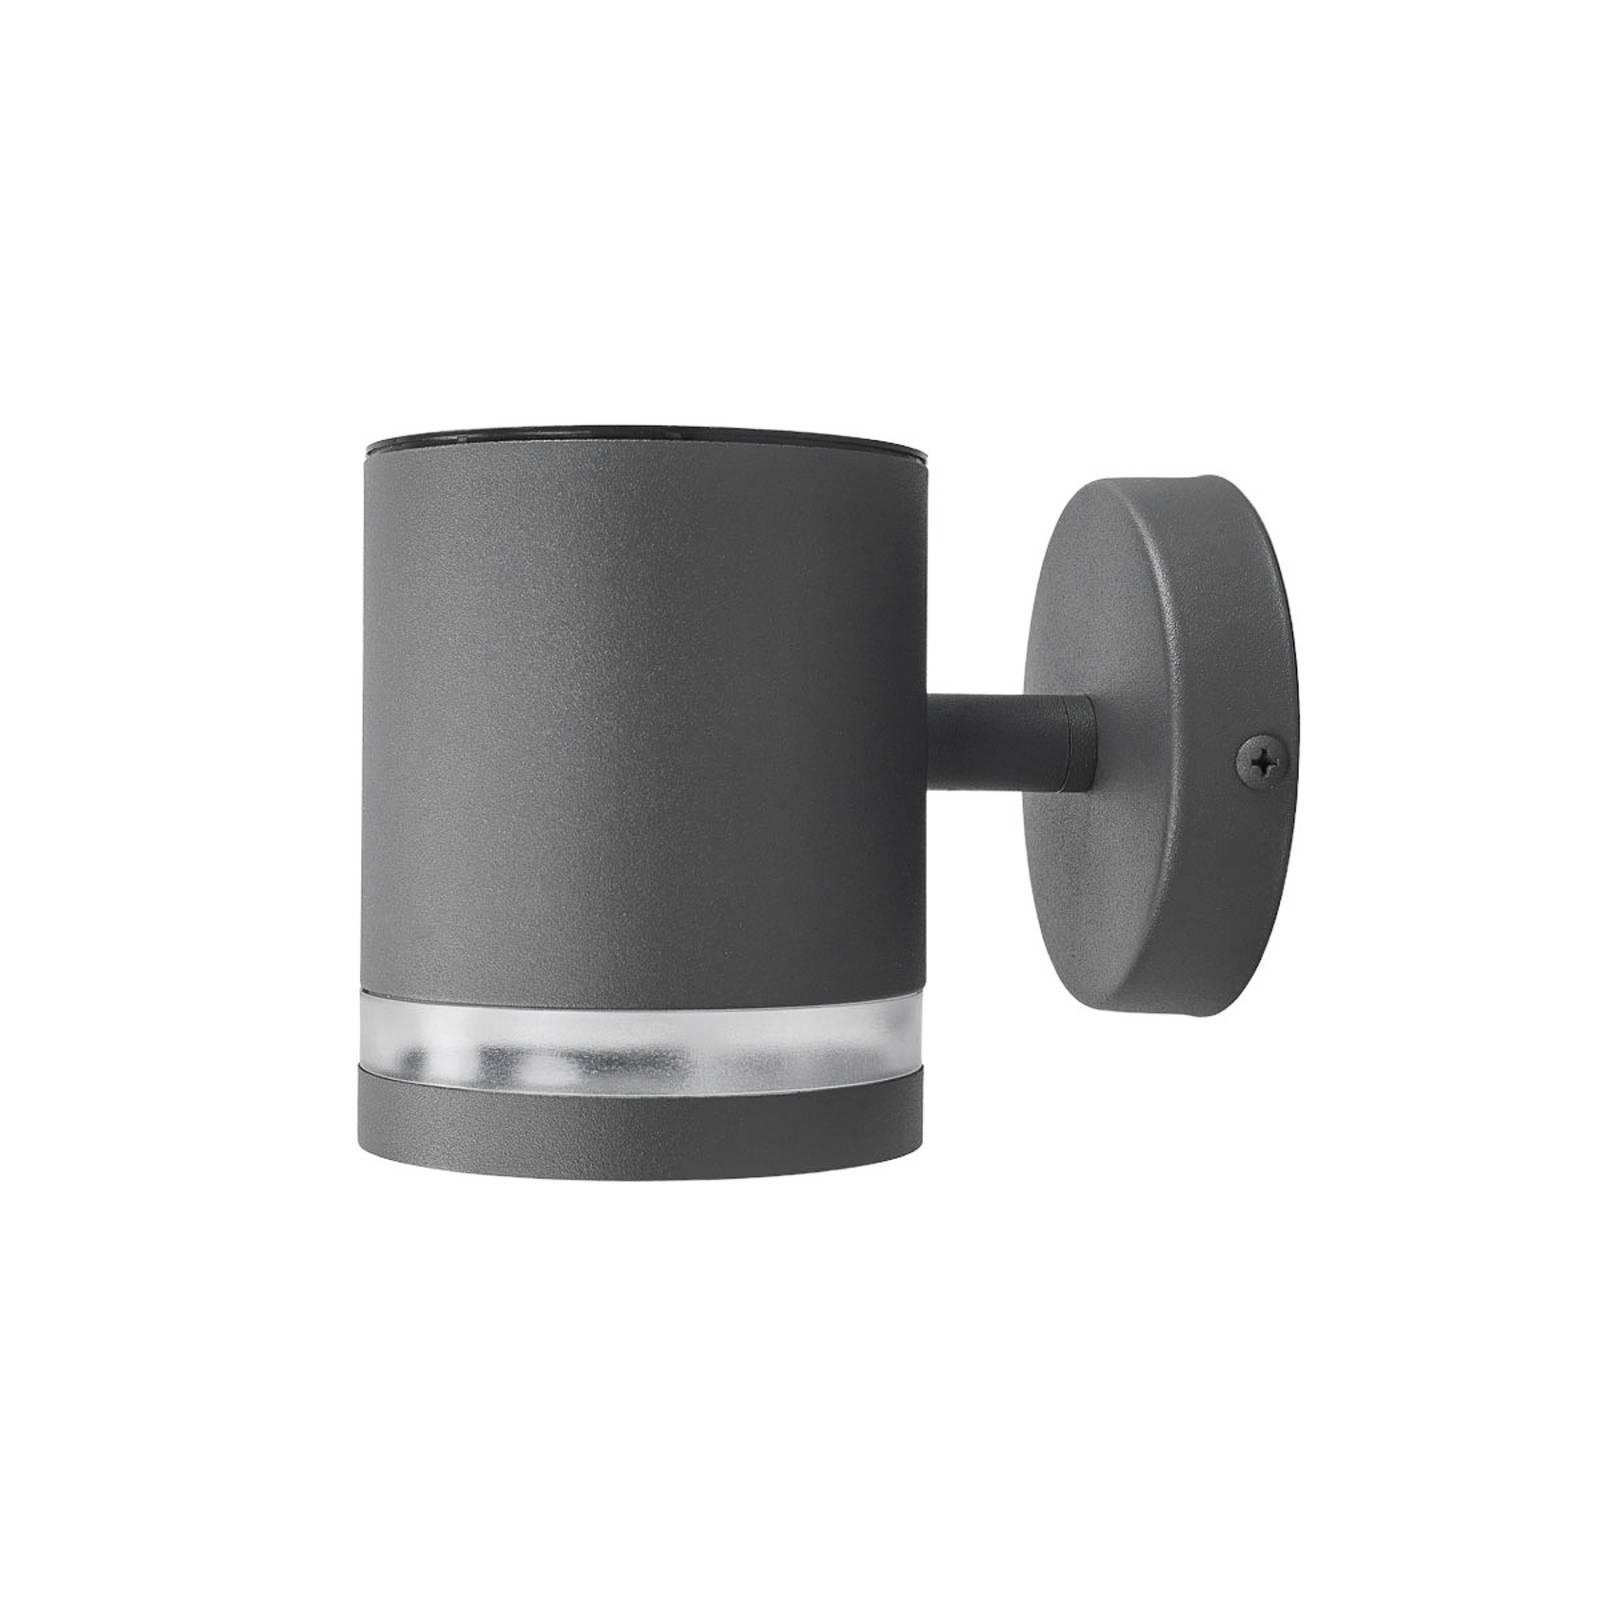 LED-Solarlicht Dijan Teelicht Kunststein Flackernd Solar Lampenwelt Terrasse